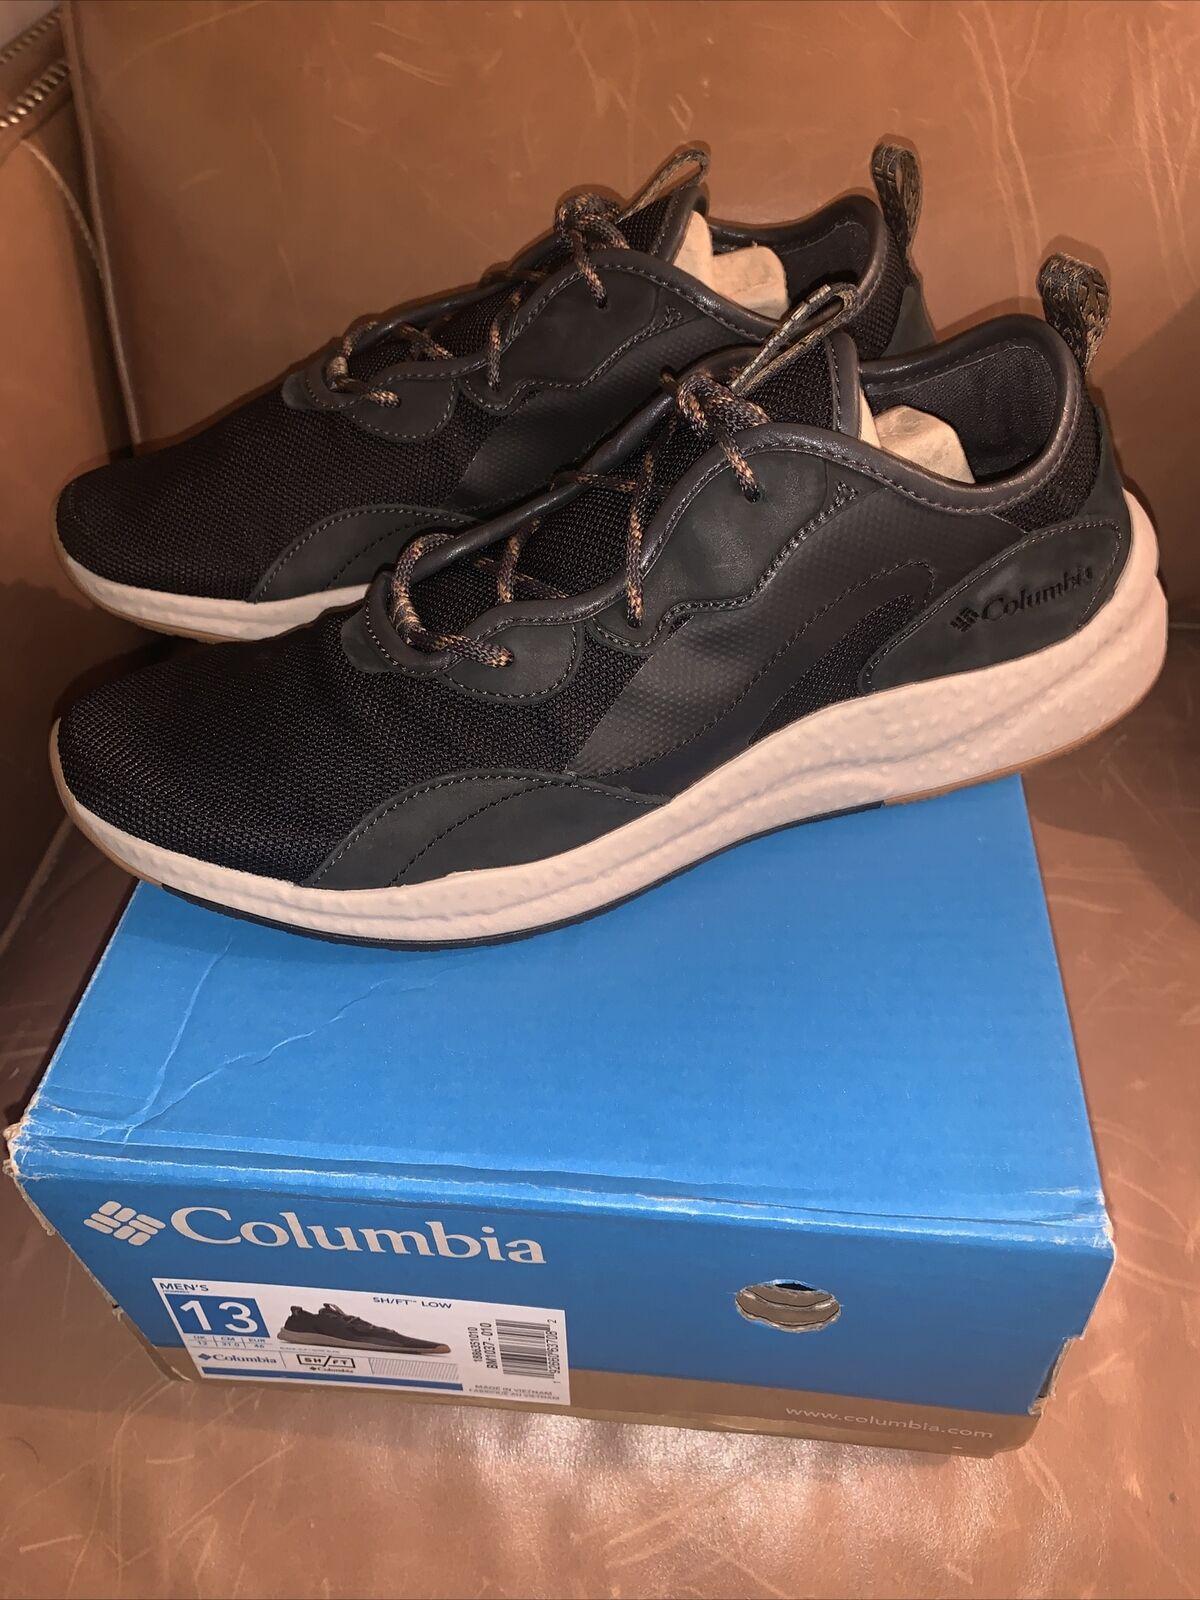 NIB Columbia Men's SH/FT Low Sneaker - Color: Black / Elk - size 13